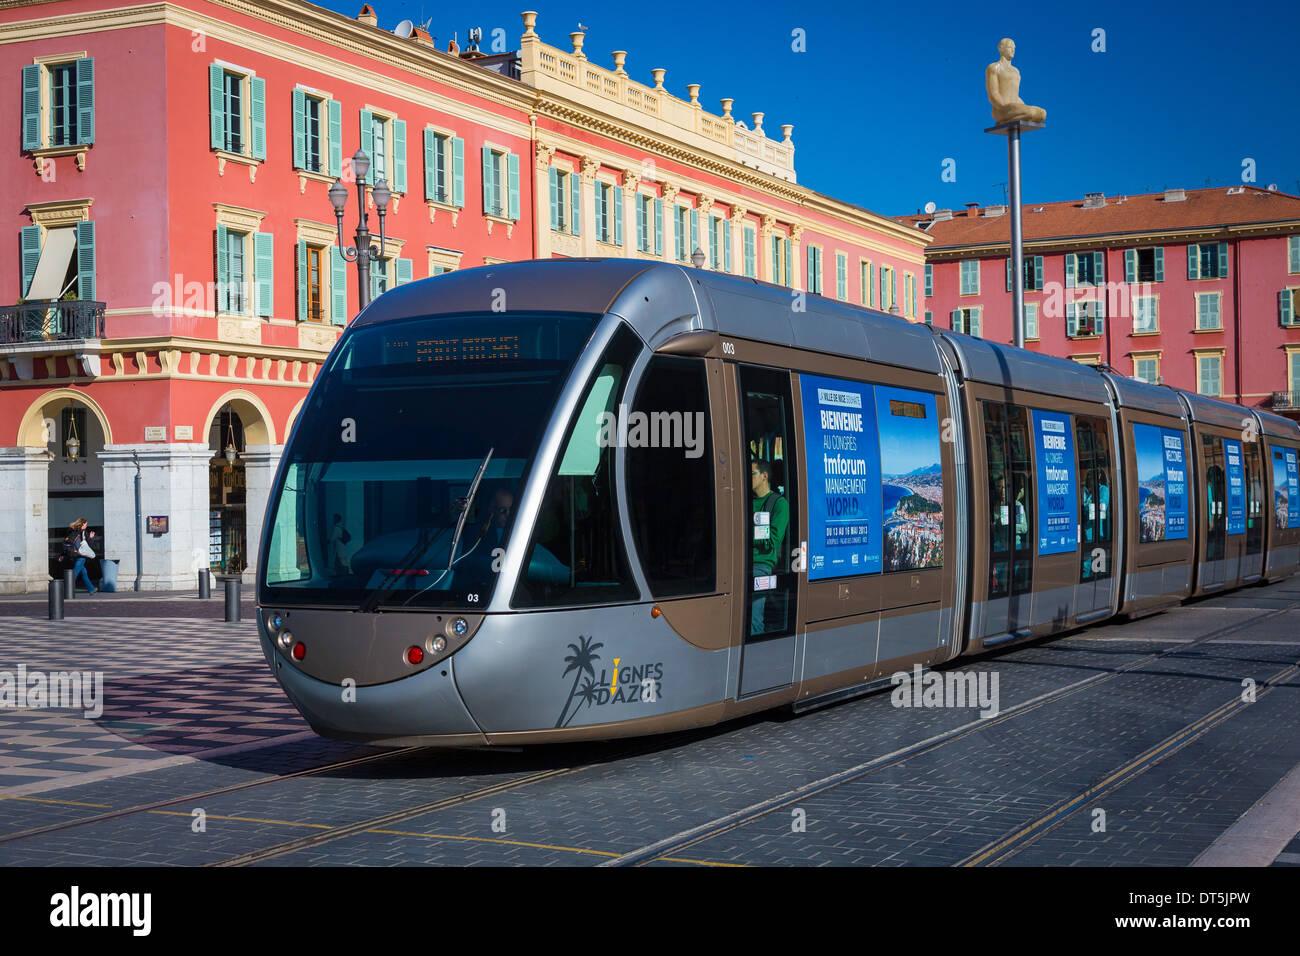 La tranvia di Nizza è un sistema di tram di 8.7km rail in Nizza, Francia Immagini Stock